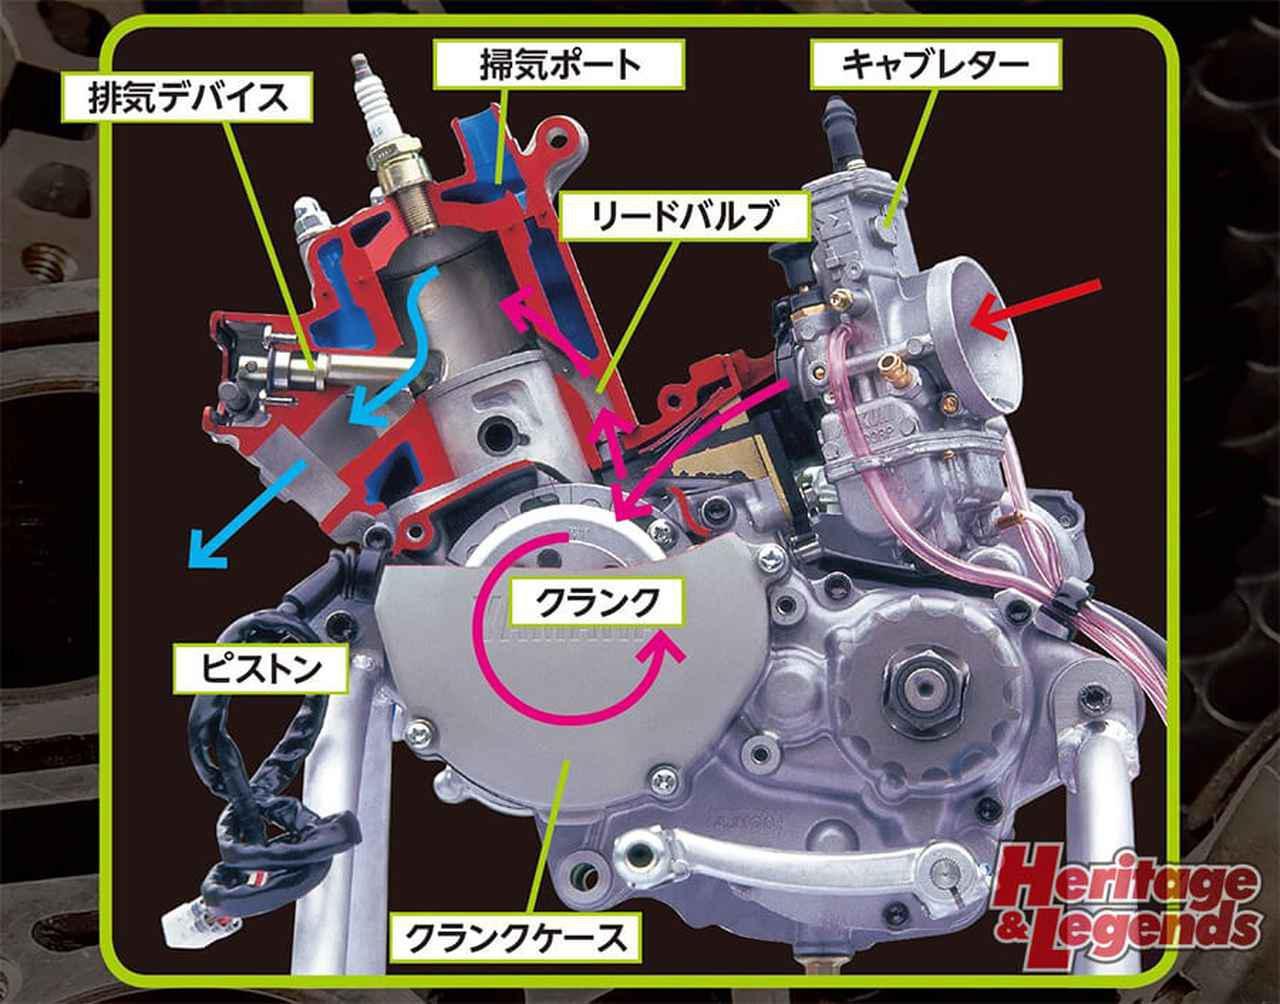 画像: バイクの「2ストローク」エンジンの仕組みを解説|4ストロークとのちがいや、2ストエンジンの種類を図解で紹介 - webオートバイ